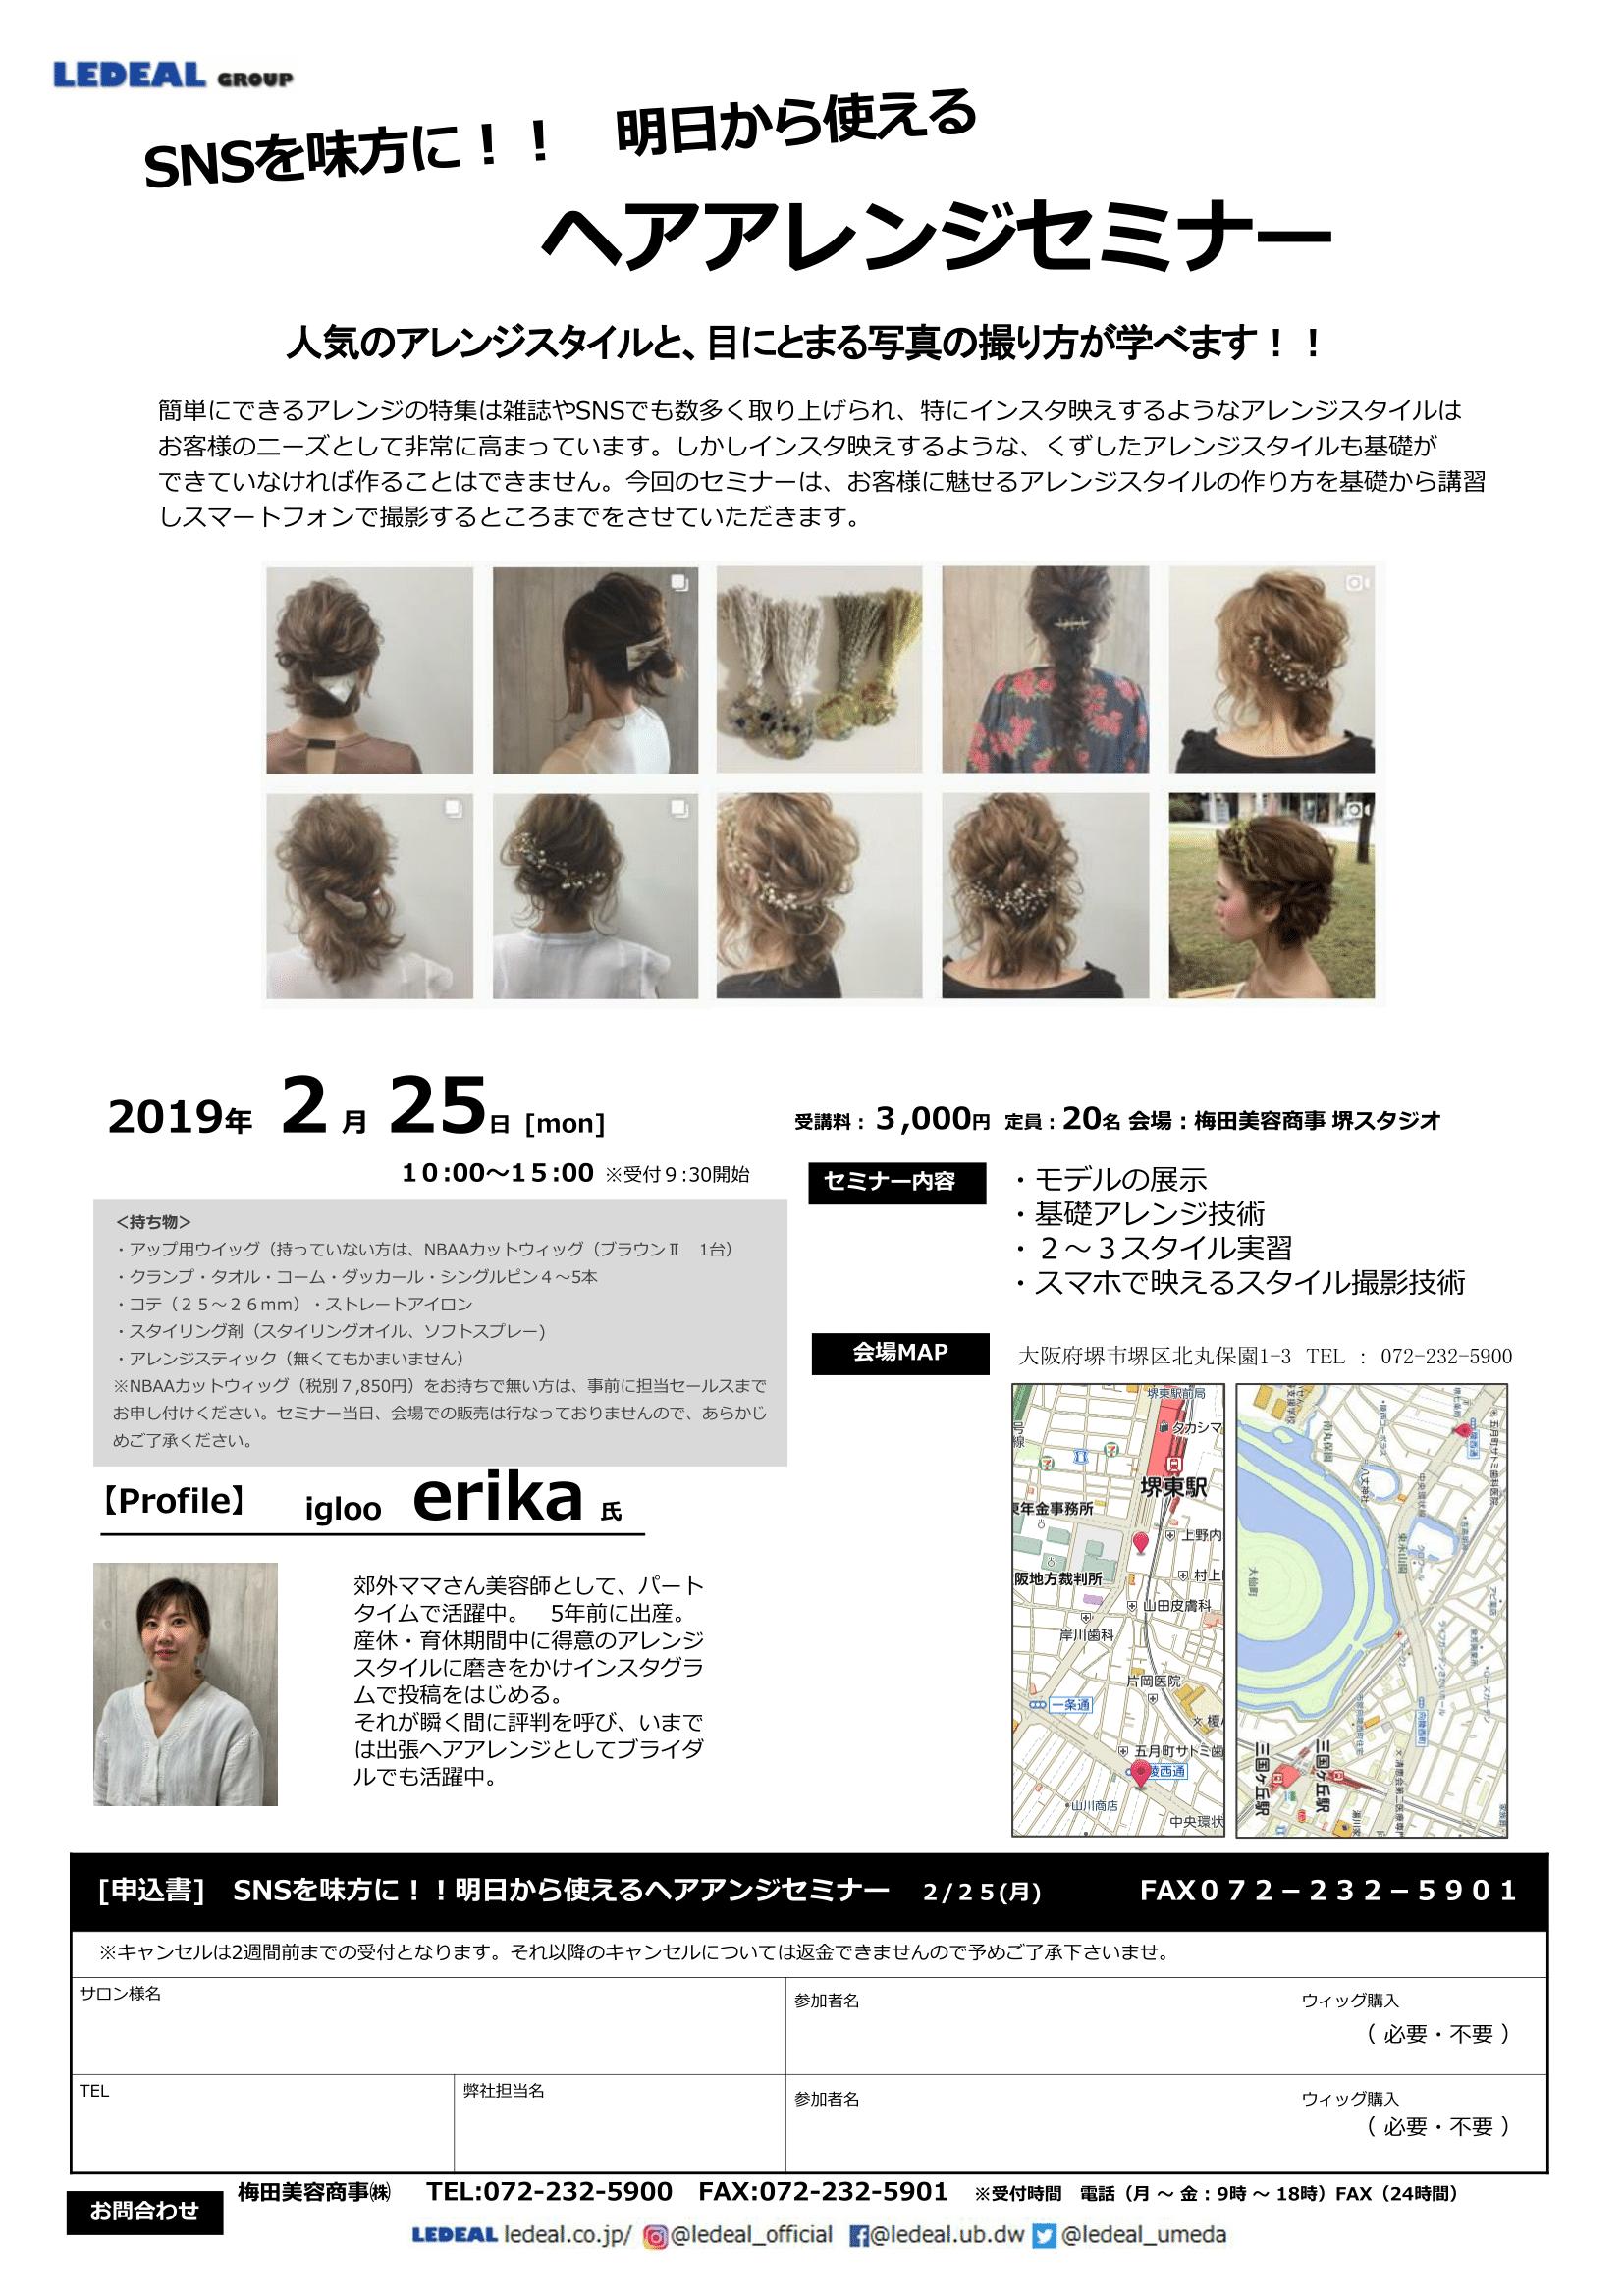 【堺】SNSを味方に!!明日から使えるヘアアレンジセミナー